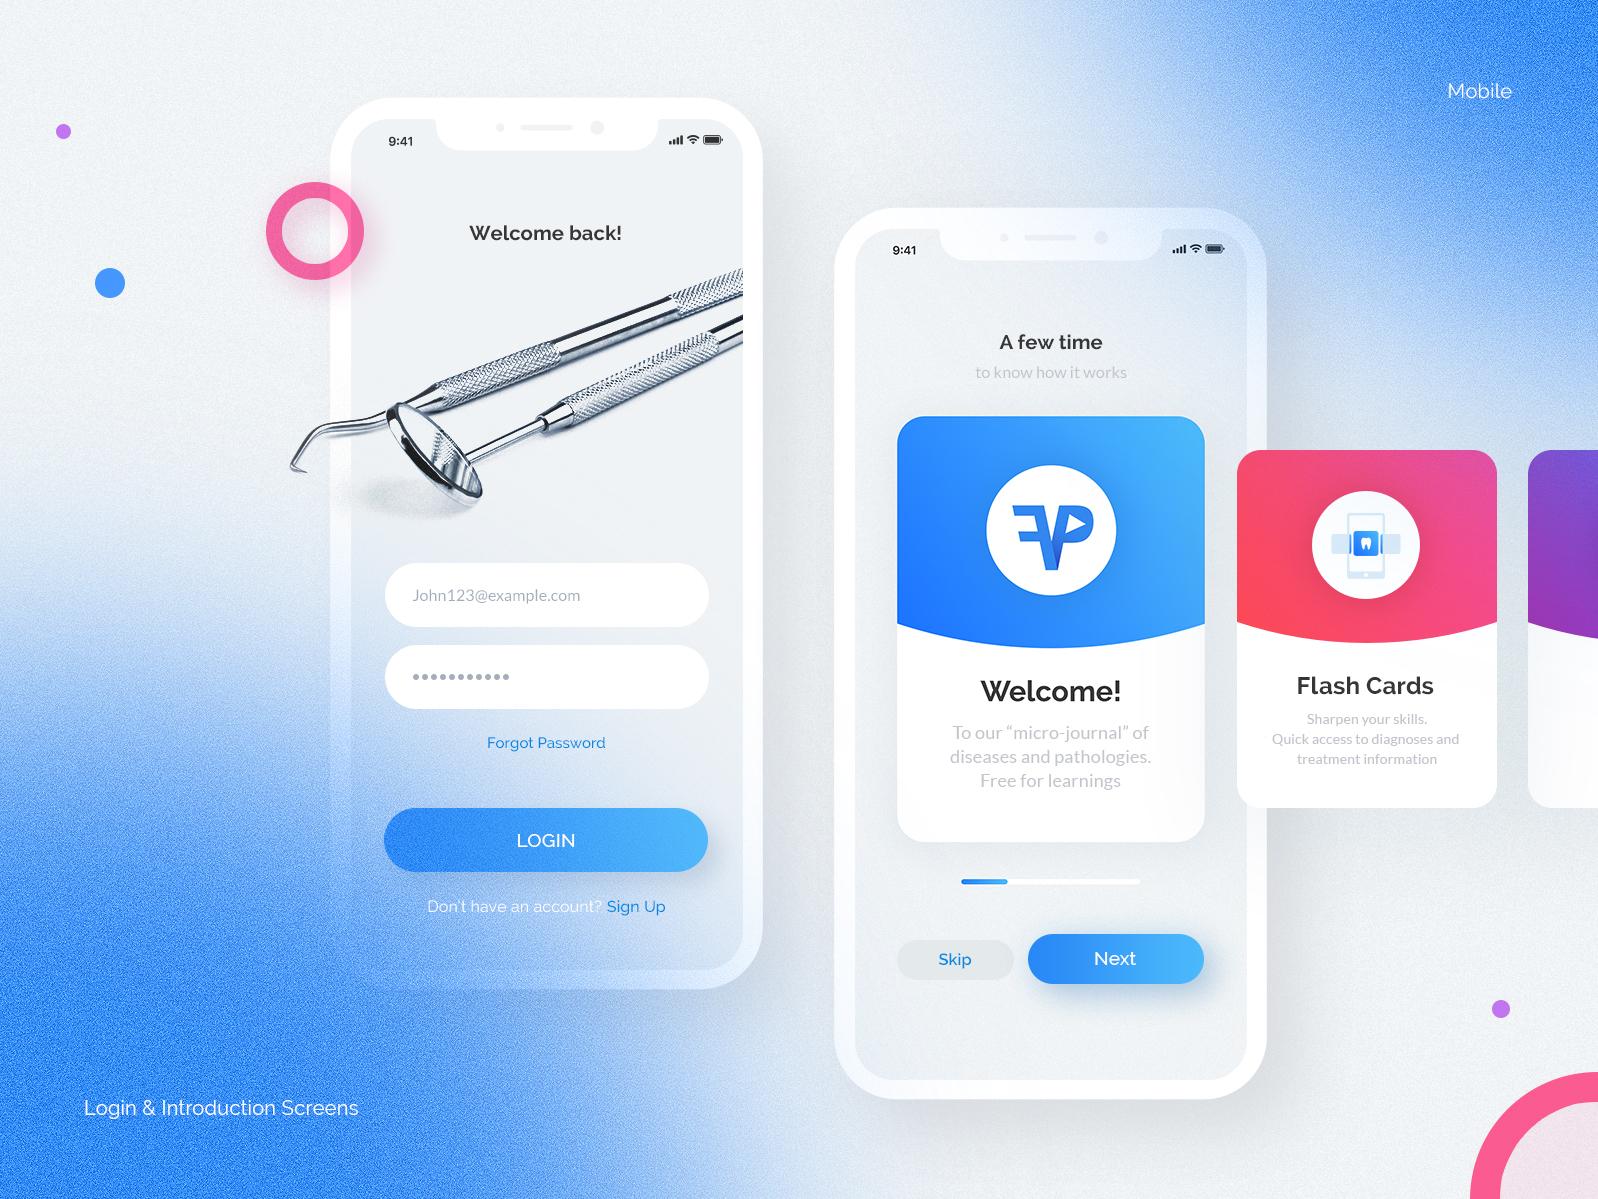 Login & Introduction Screens. Mobile debut shot medical app mobile design minimal illustration design ux ui app login screen login design login login form